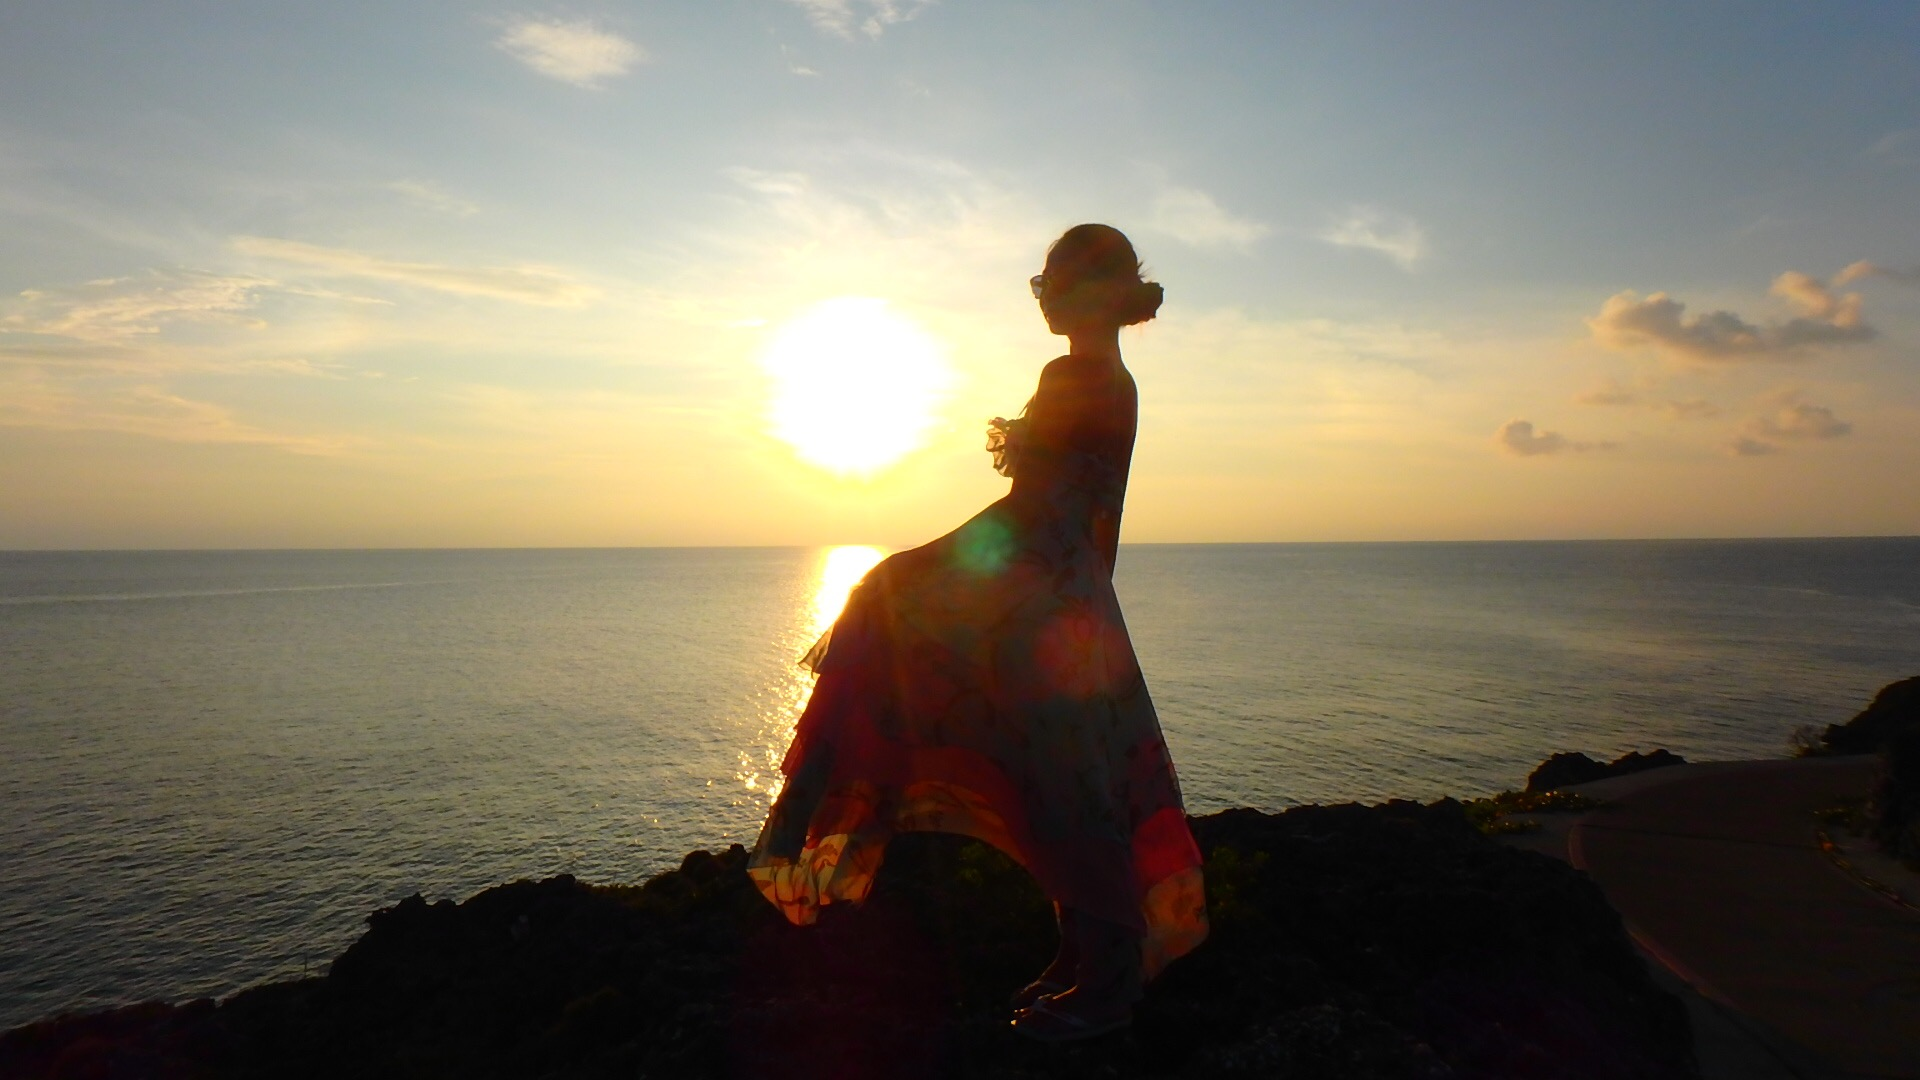 与論島の夕日 おすすめの穴場スポット